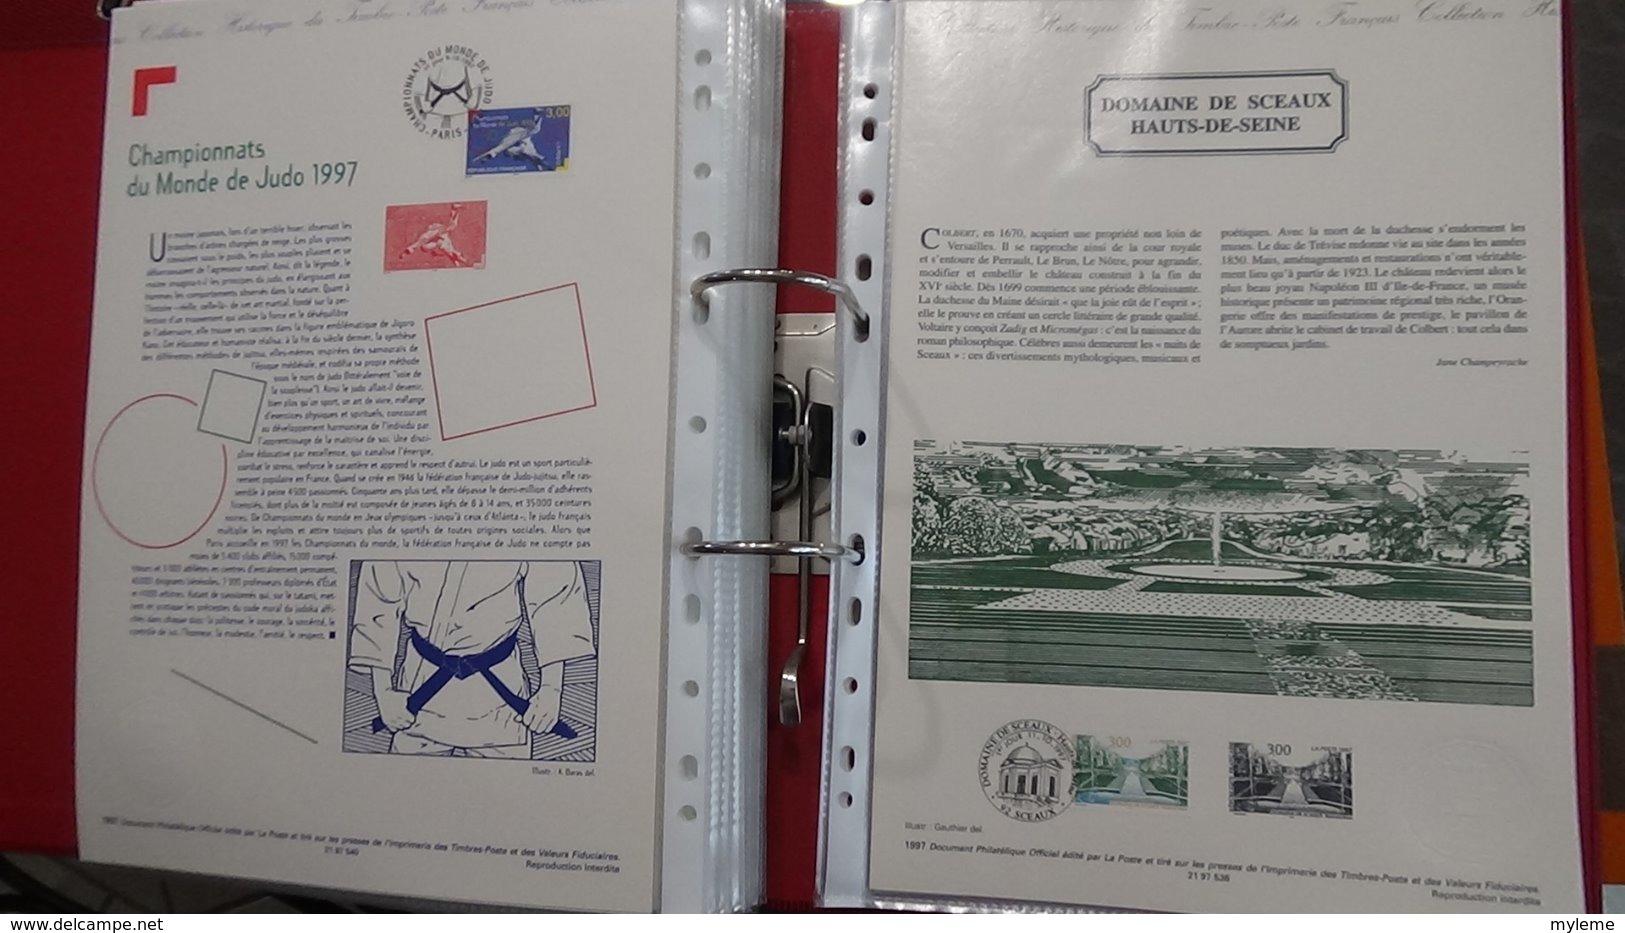 44 Documents Philatéliques An 1997 Complète (côte 2003 : 510 Euros) PORT 8.80 Euros COLISSIMO OFFERT (pour La France) - Timbres